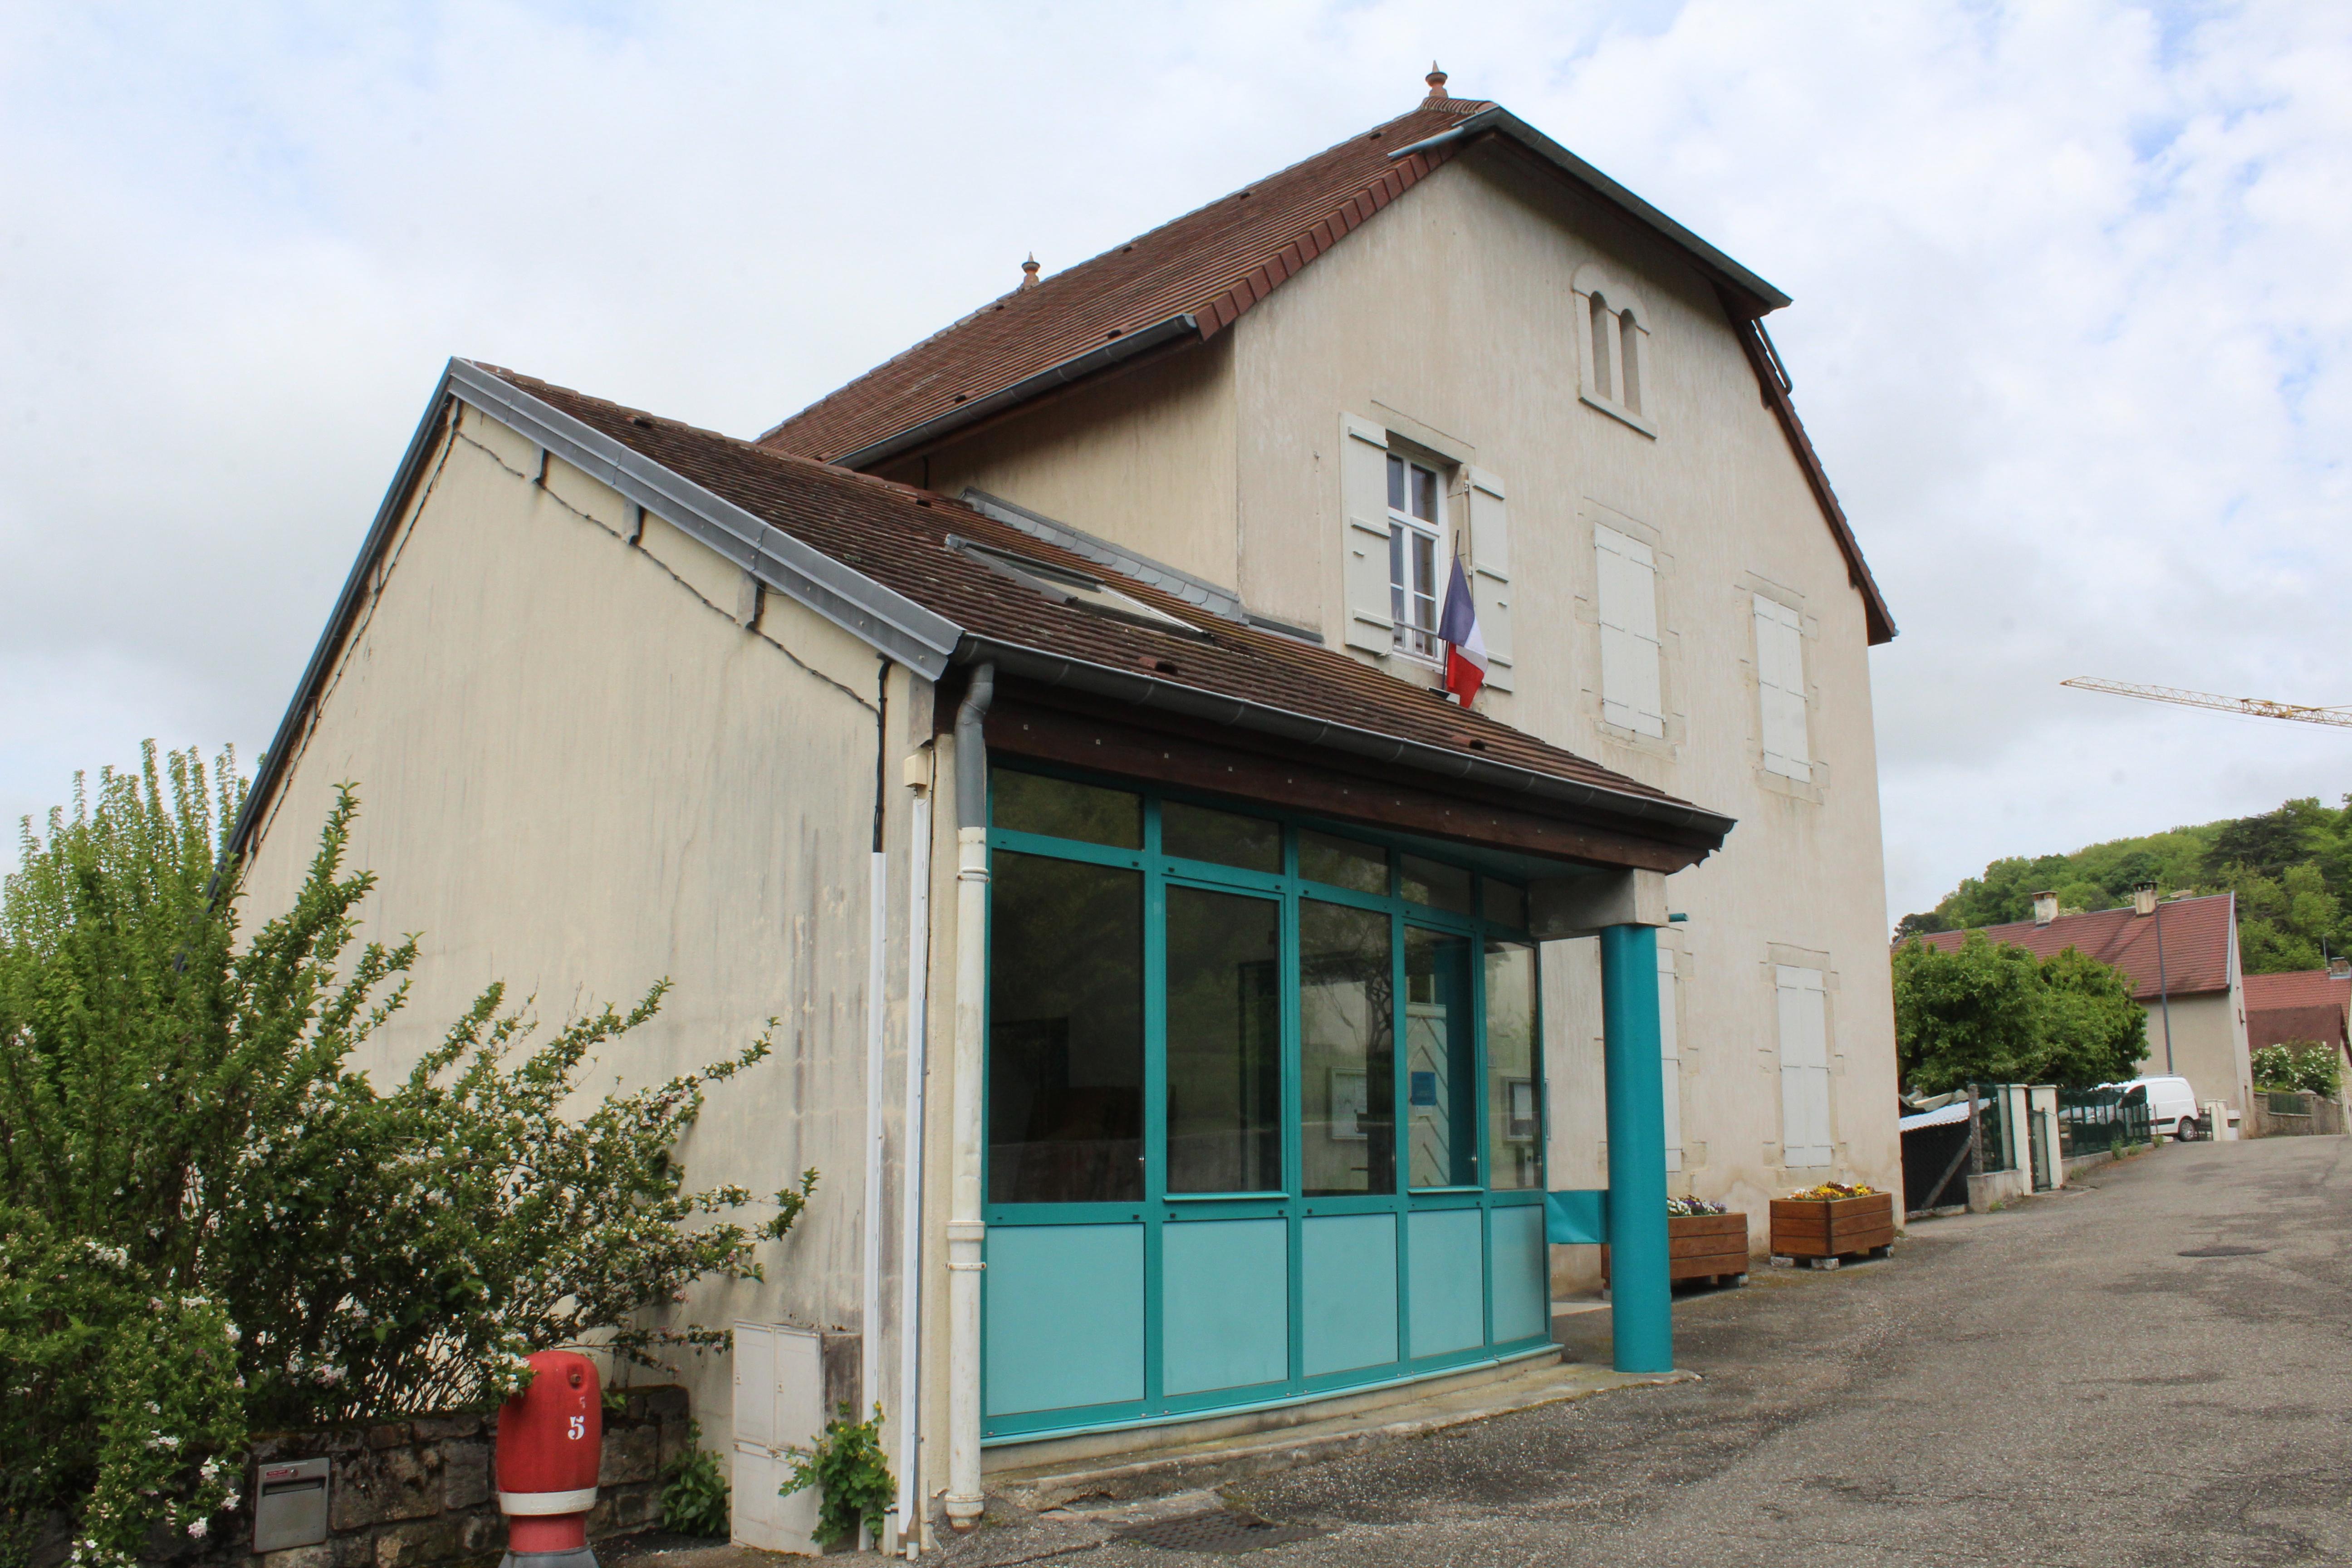 La Maison Du Bois Clairvaux chille - wikipedia